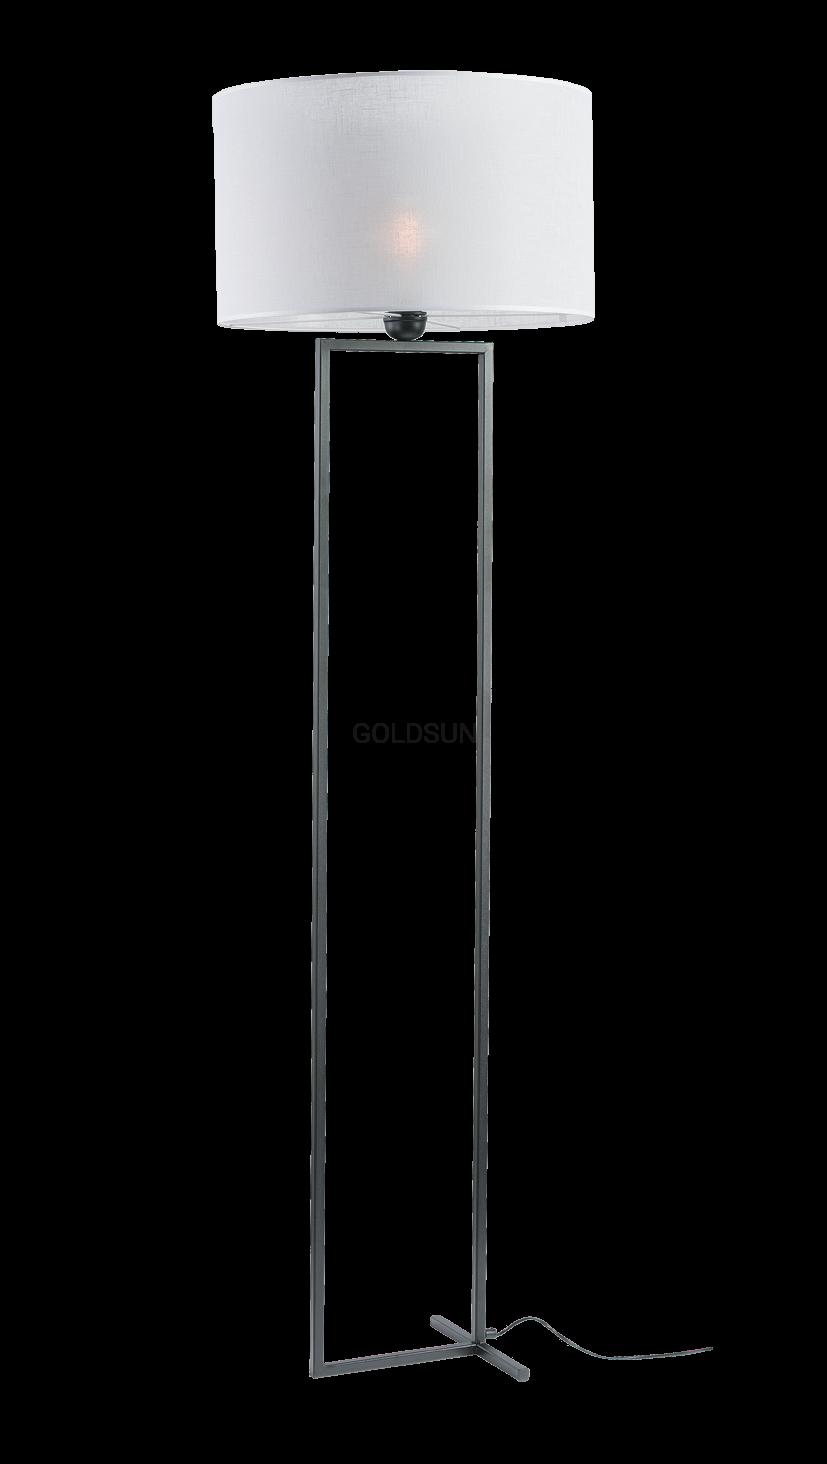 Nowoczesna Lampa Podłogowa Z Abażurem Prefa 2513 Goldsun